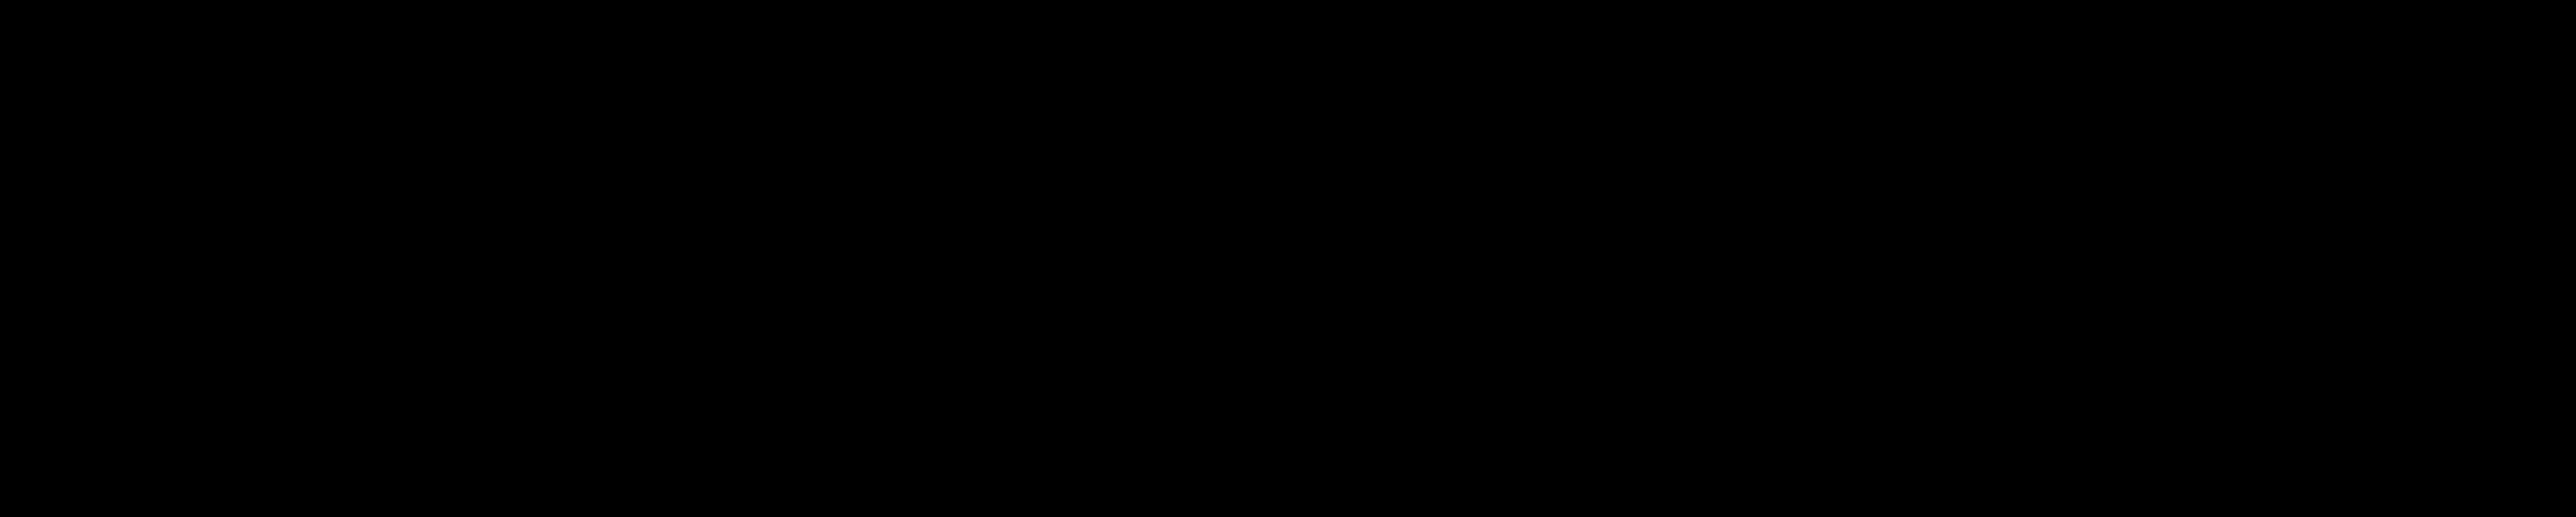 TS-SymbolWordmark-Black (2)